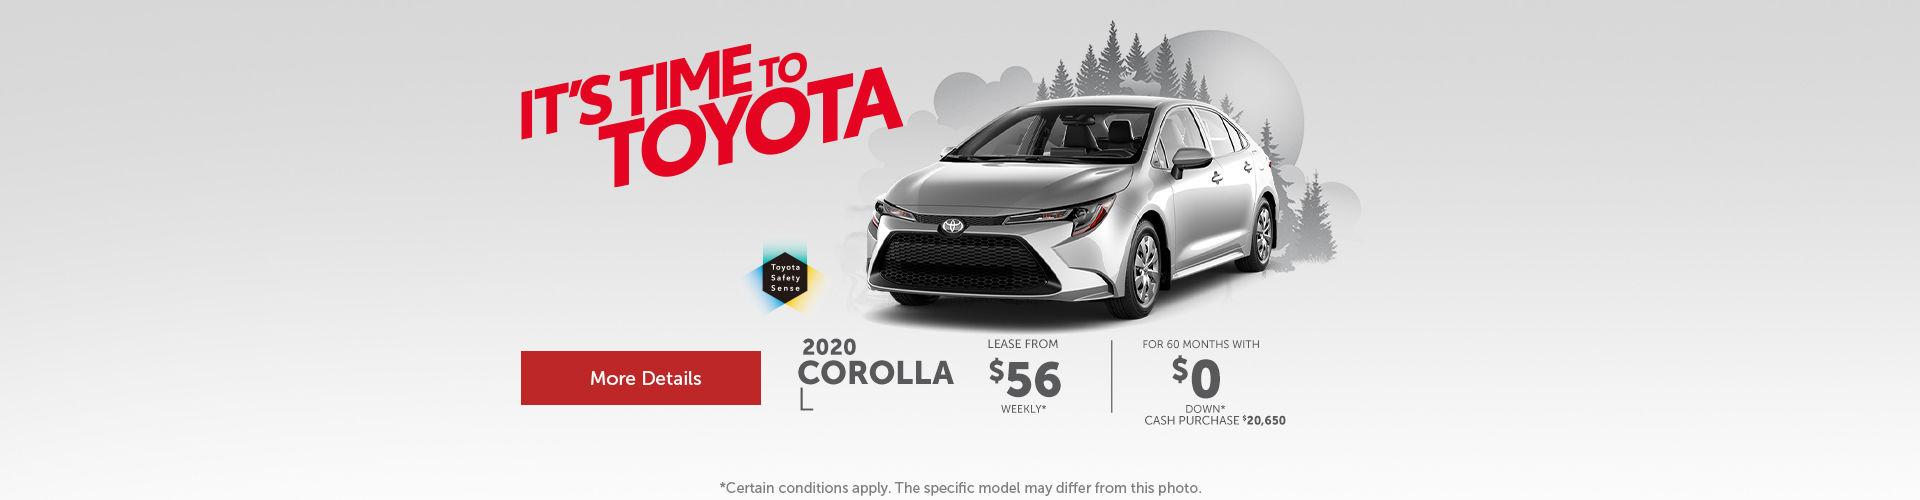 2020 Corolla - header